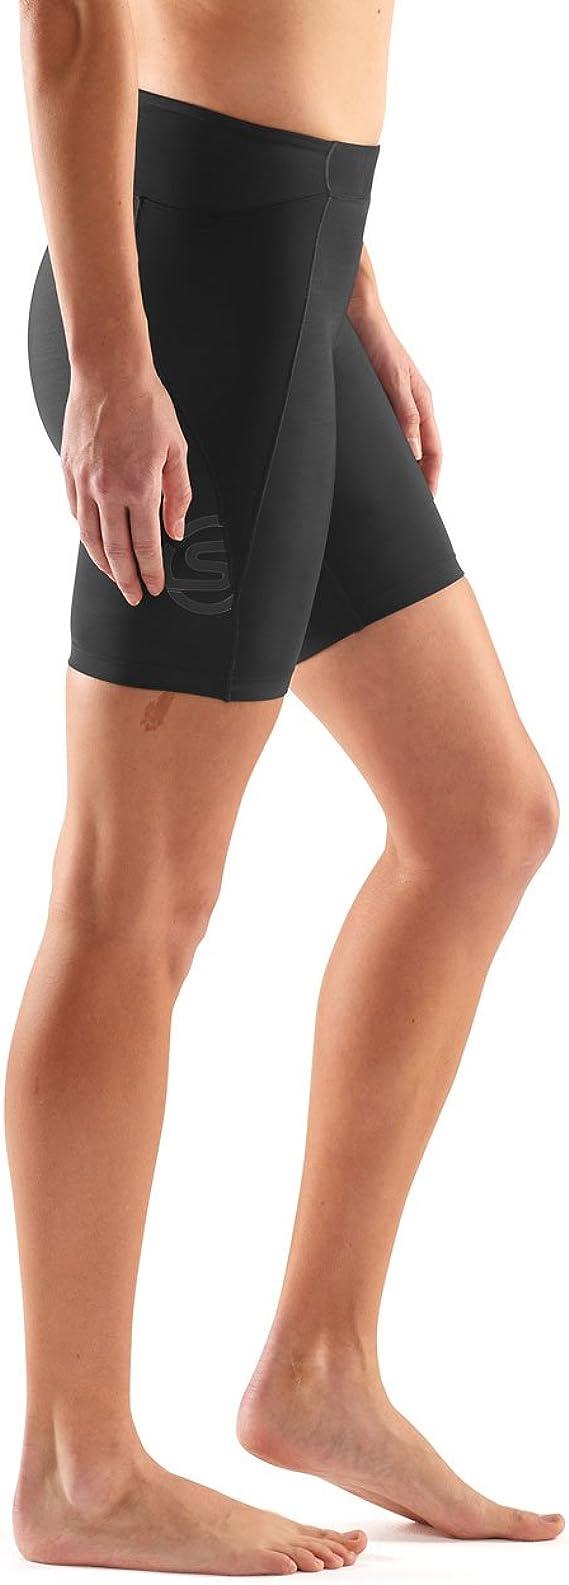 Skins Dnamic Short de compression 2 en 1 Femme